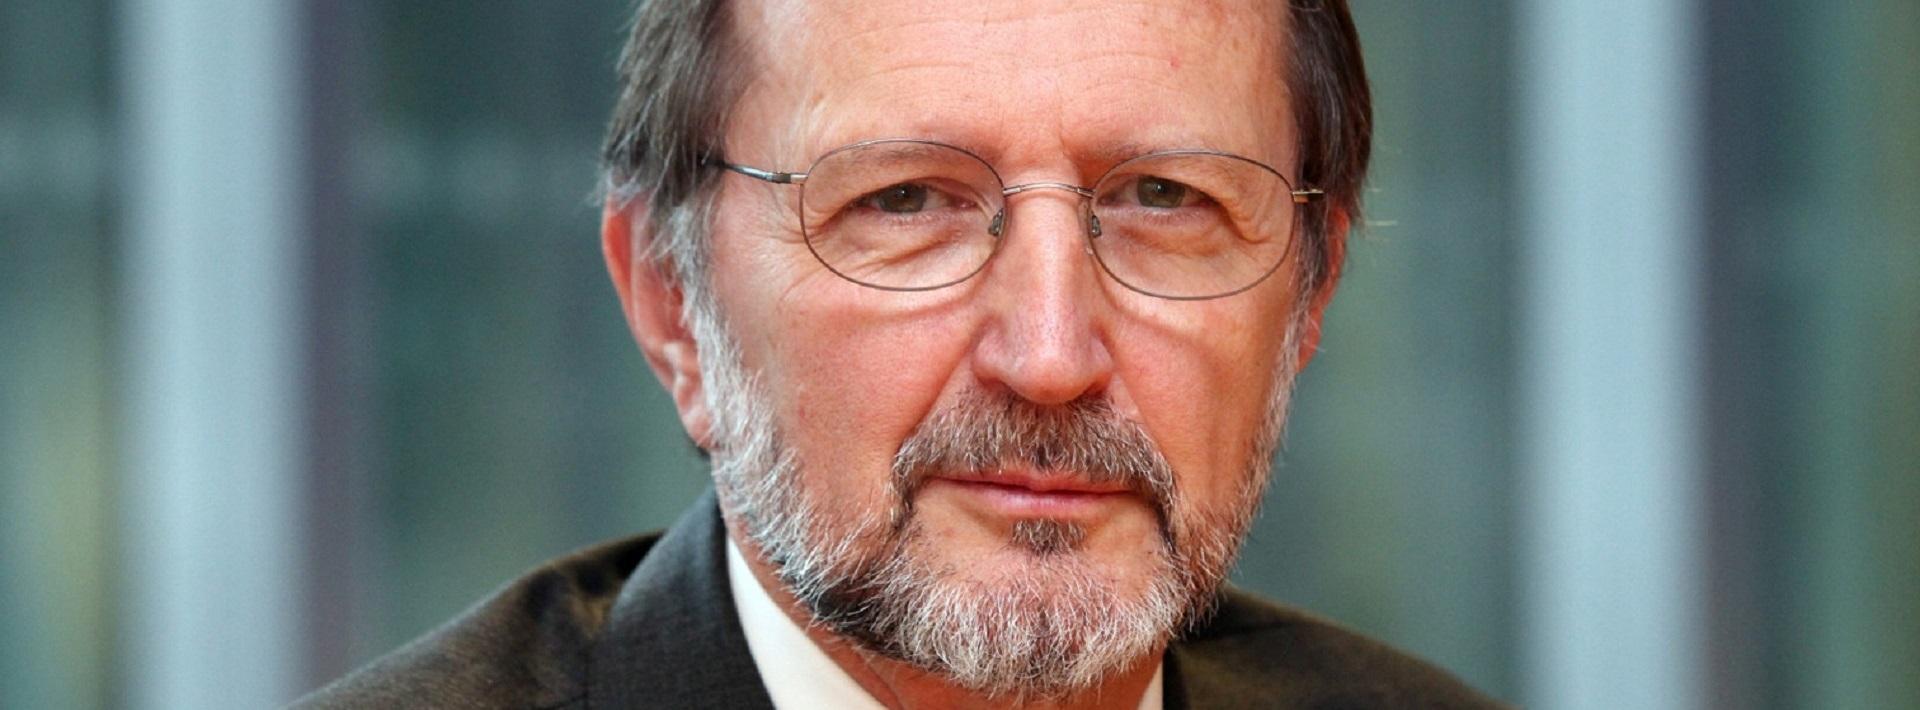 David Moorhouse: Το Λαμπρό Μέλλον της Ναυτιλίας,